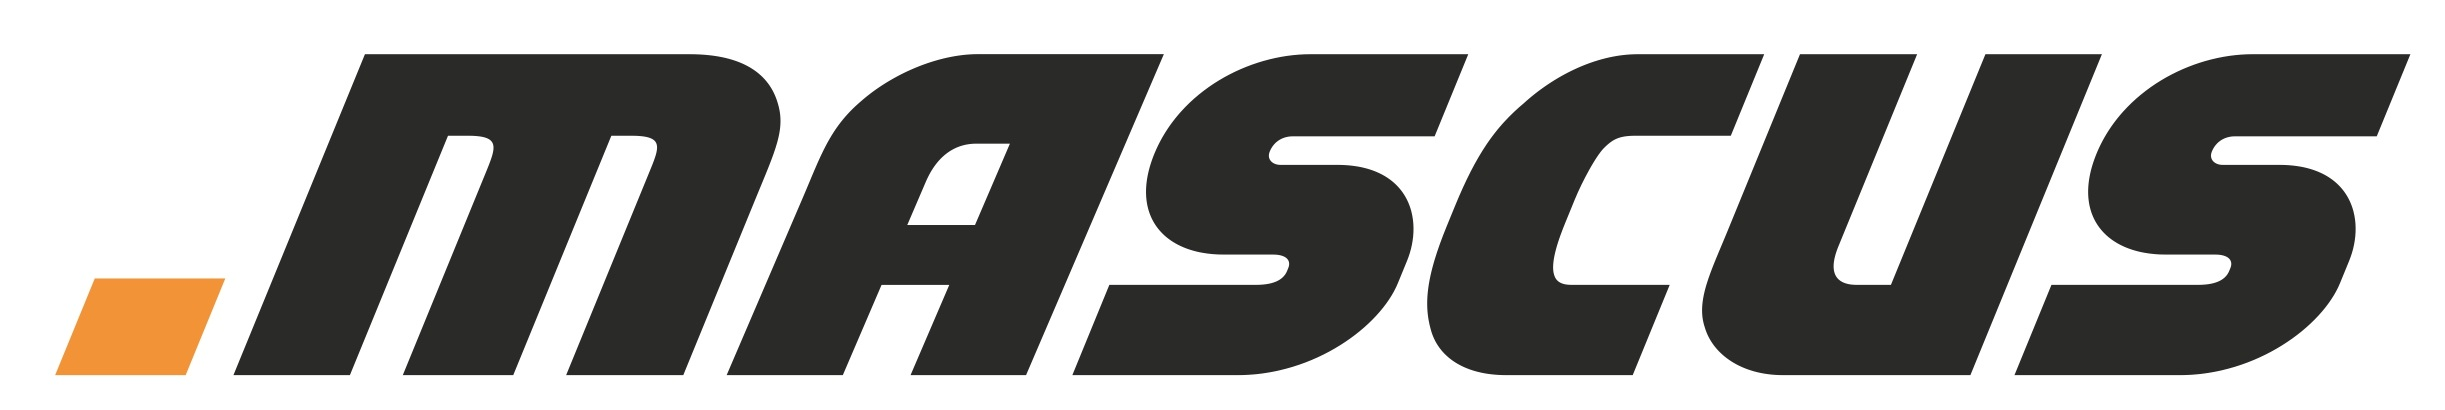 Mascus_logo